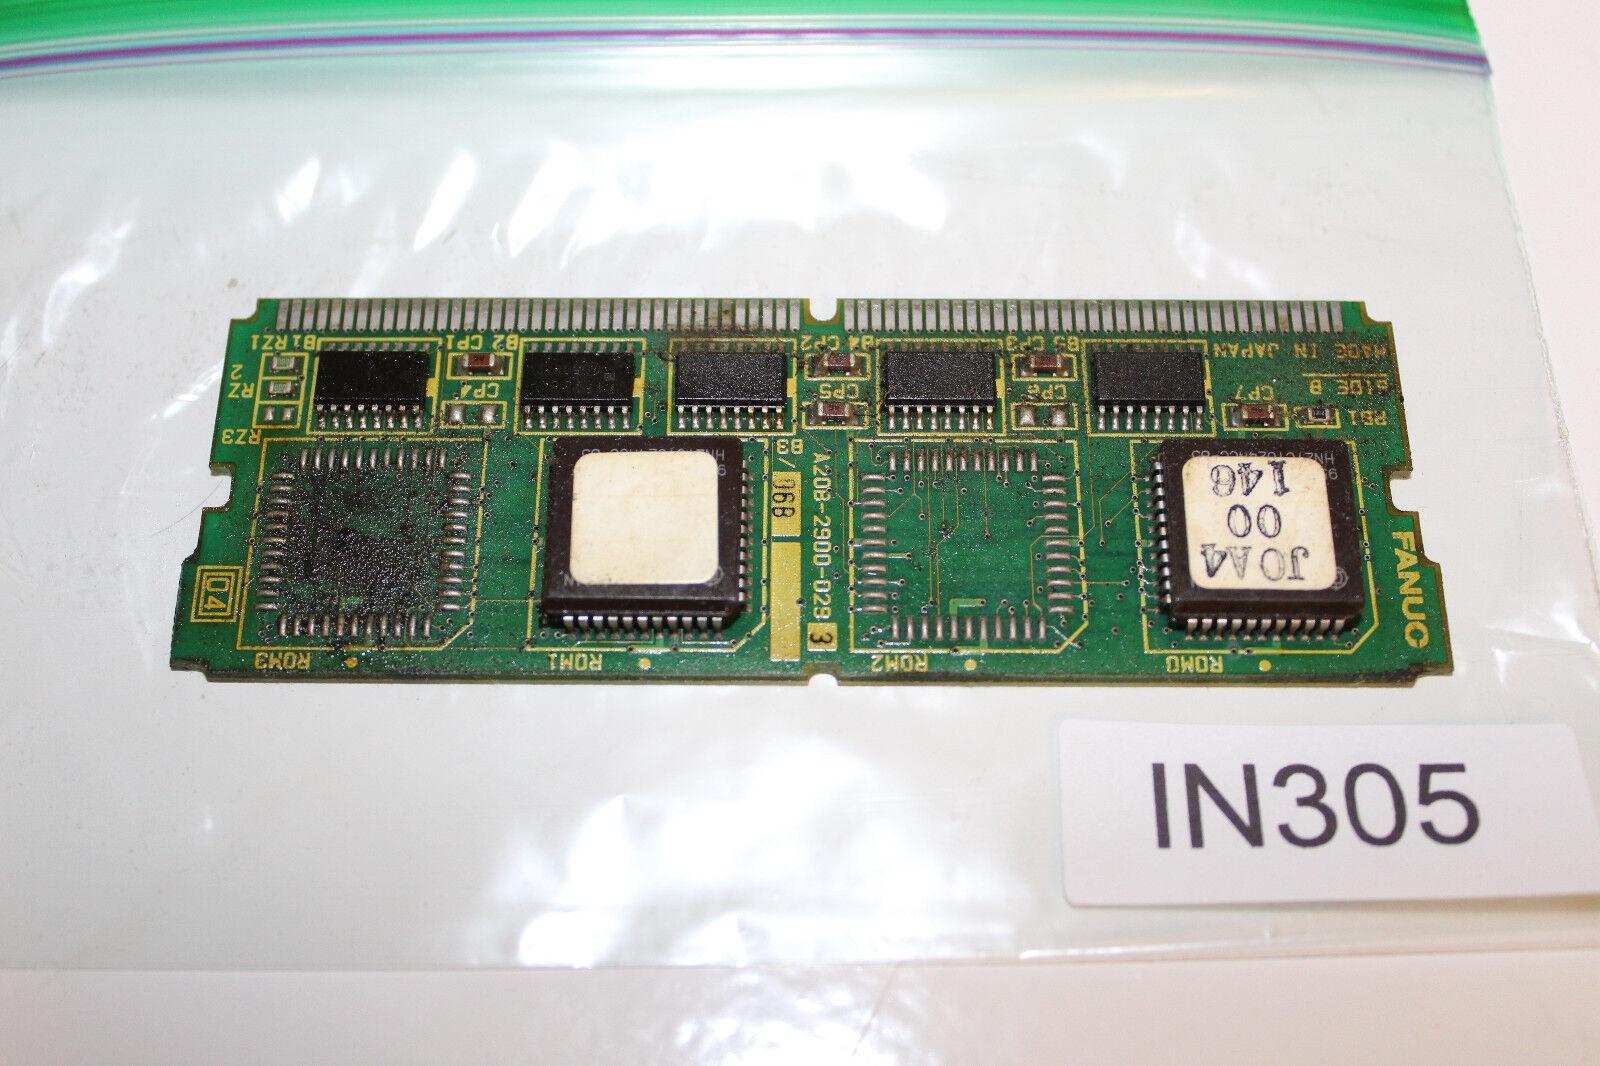 Fanuc A20B-2900-0293 Control Board A20B-2900-029 IN305